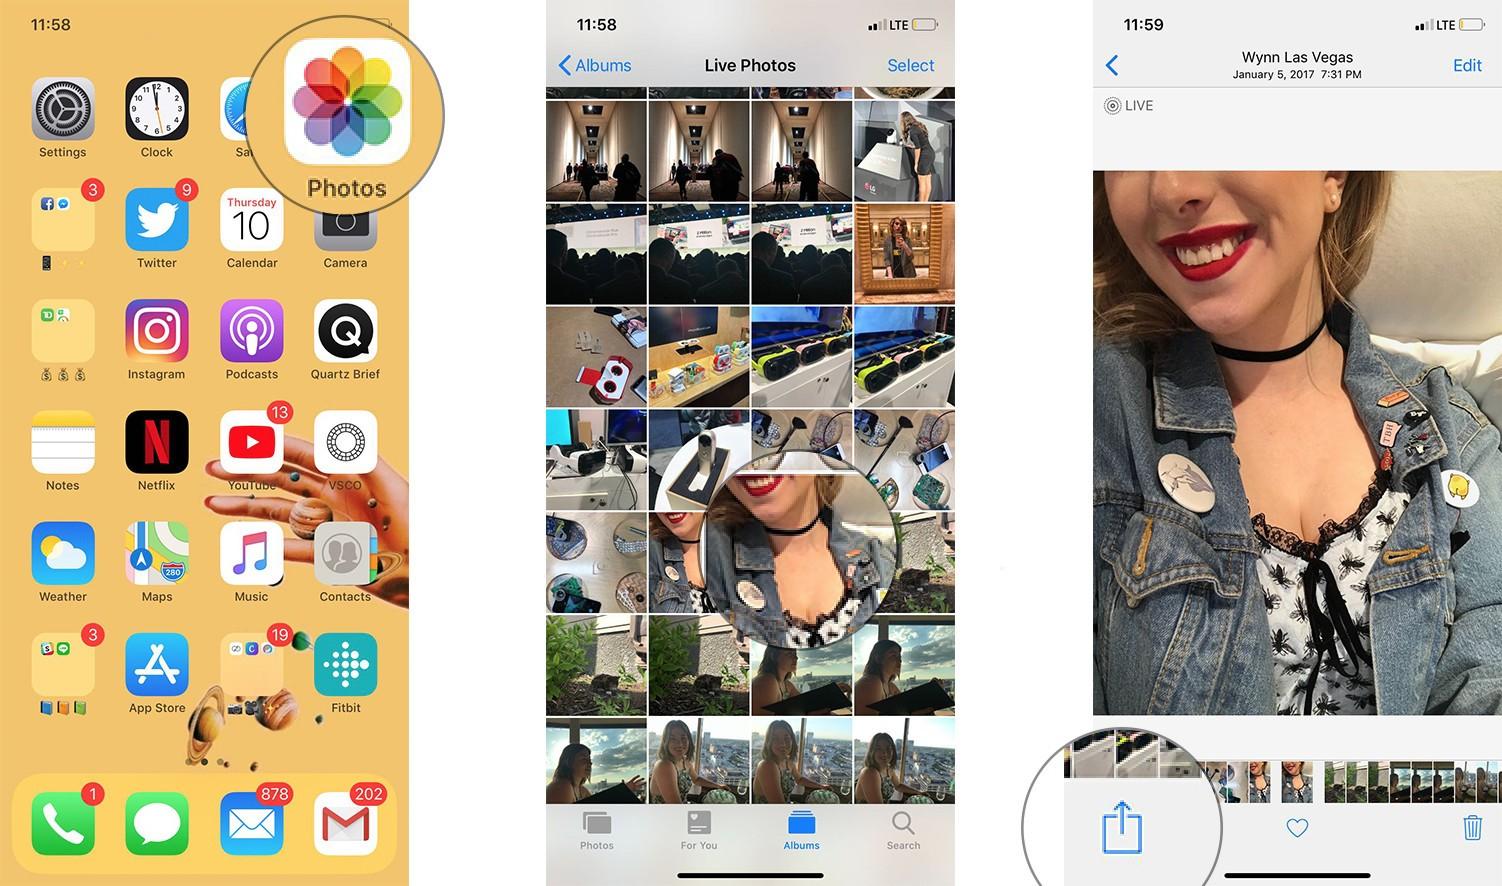 终极指南 | 如何在 iPhone 使用「实况照片」?